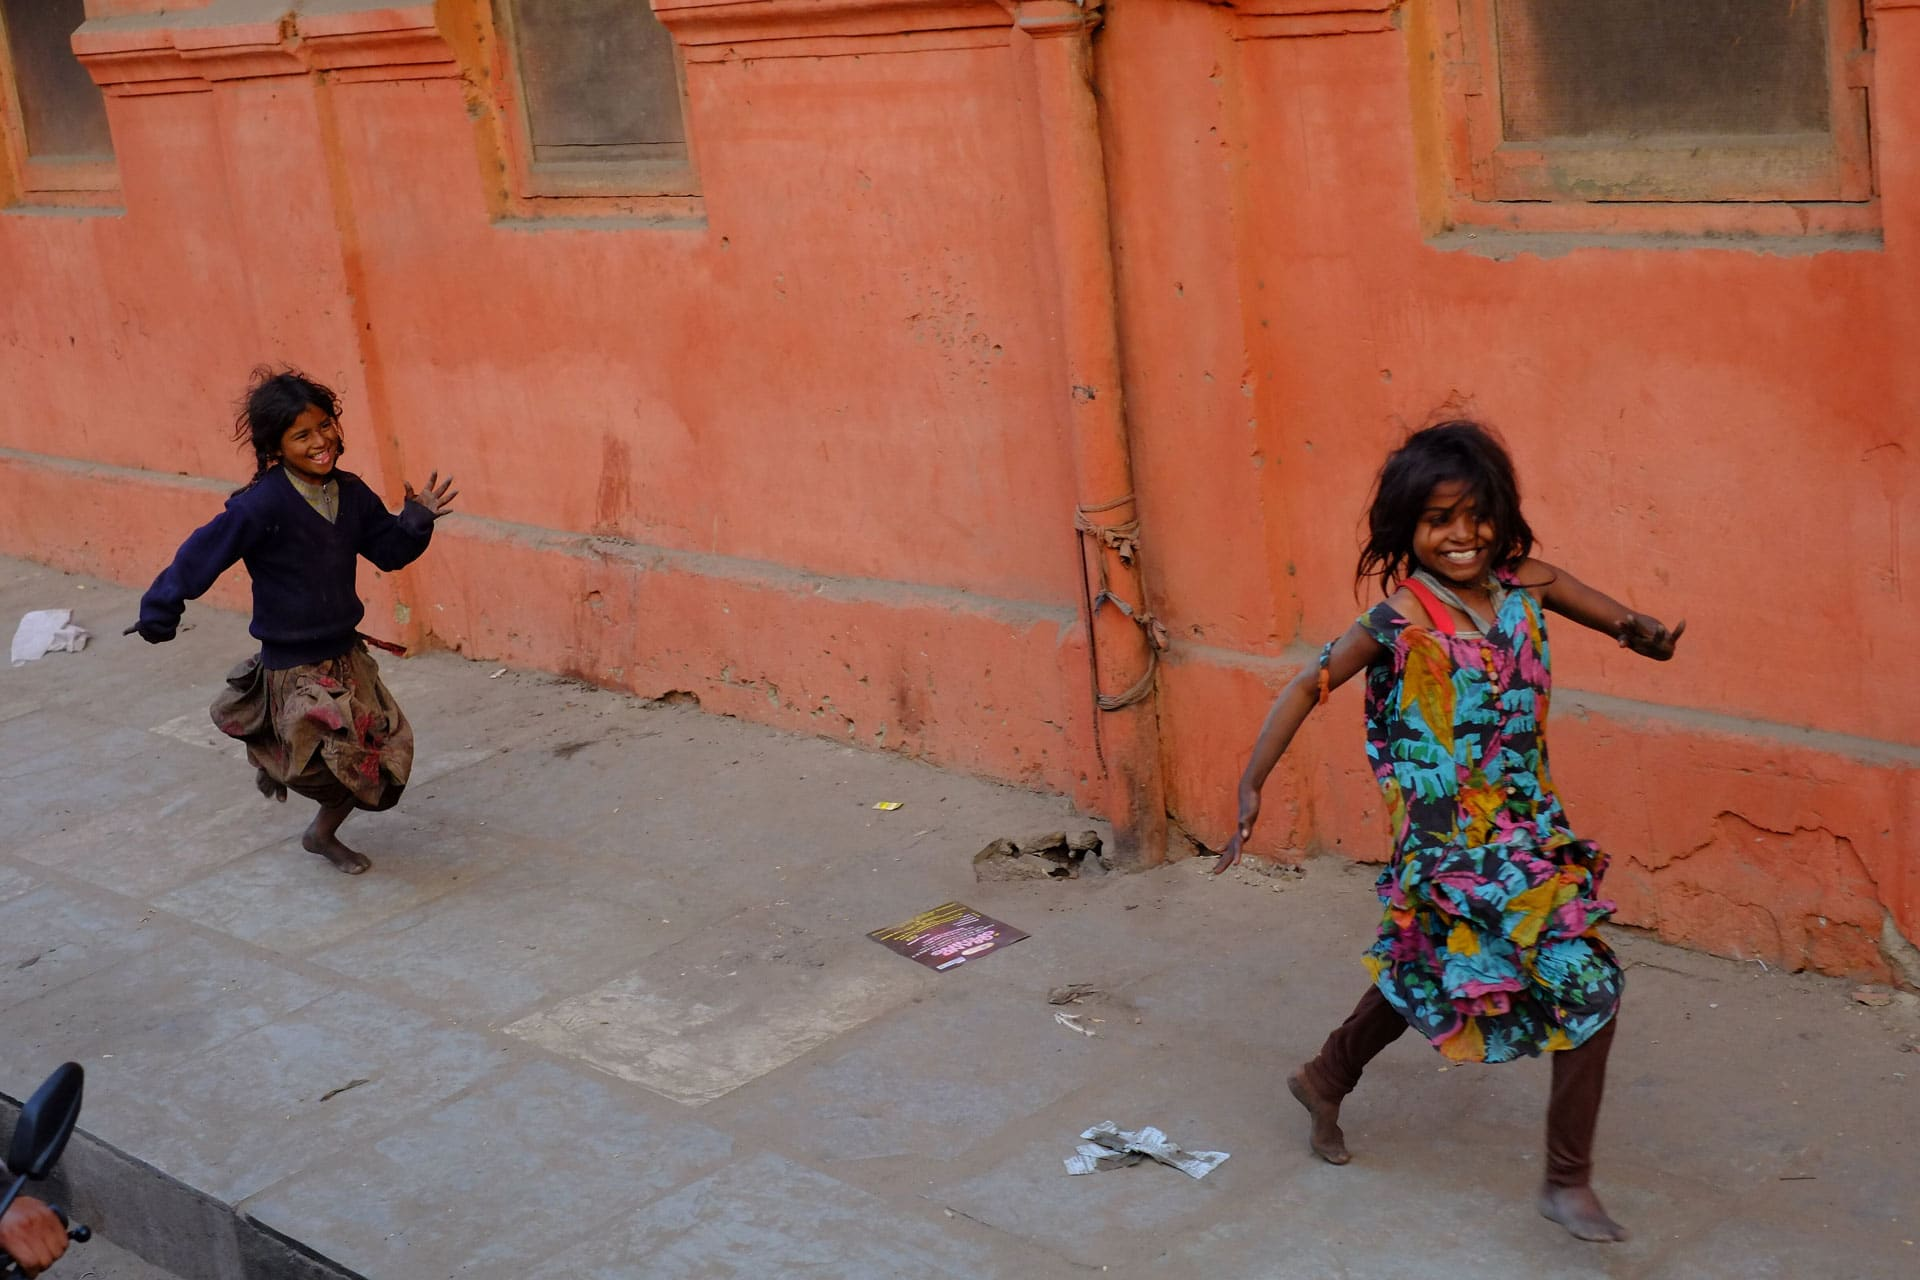 sourires et couleurs en inde par sebastien archimbaud